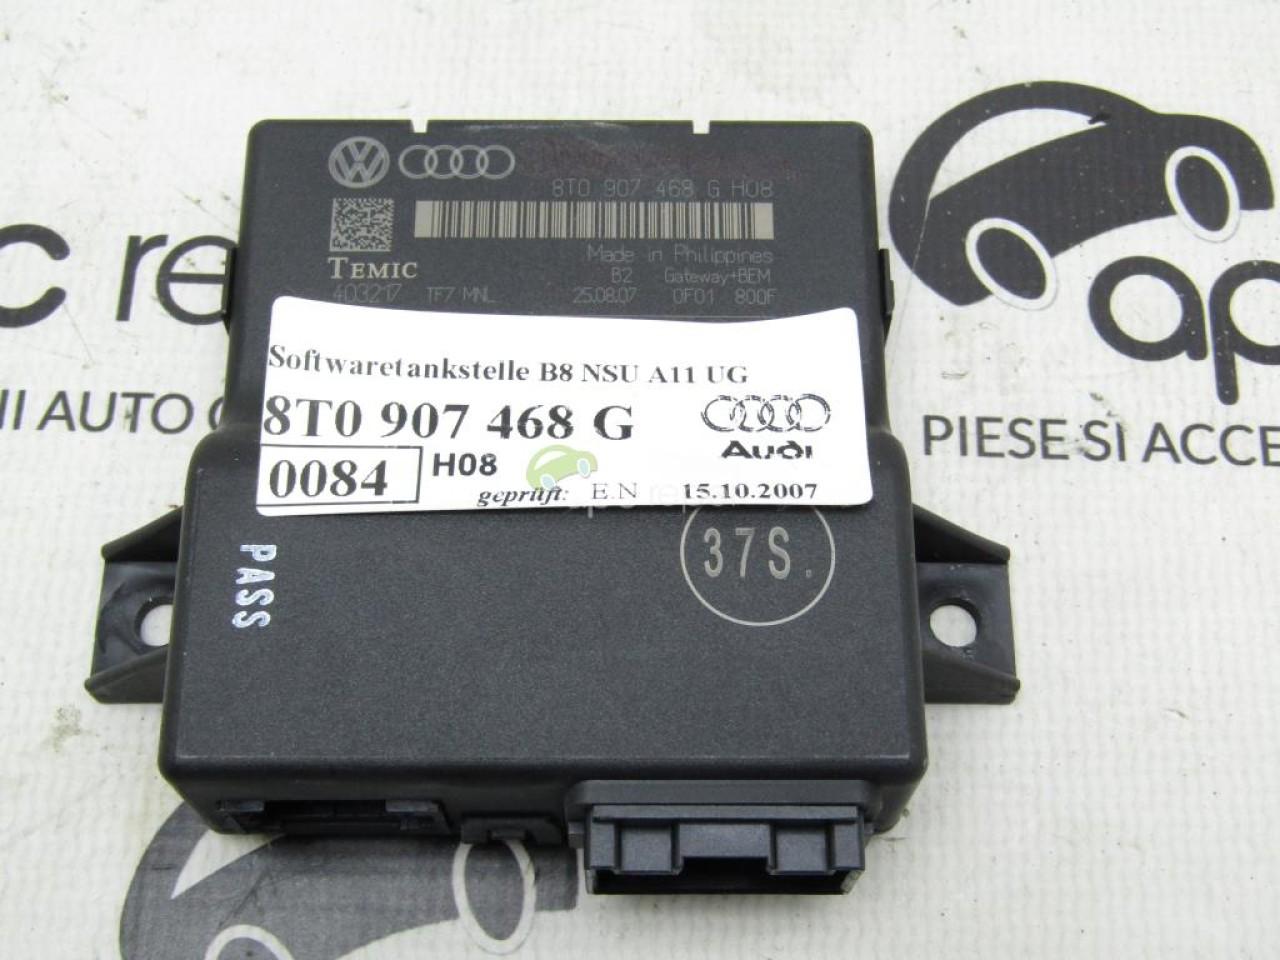 Gateway Original Audi A4 B8 / A5 cod 8T0907468G